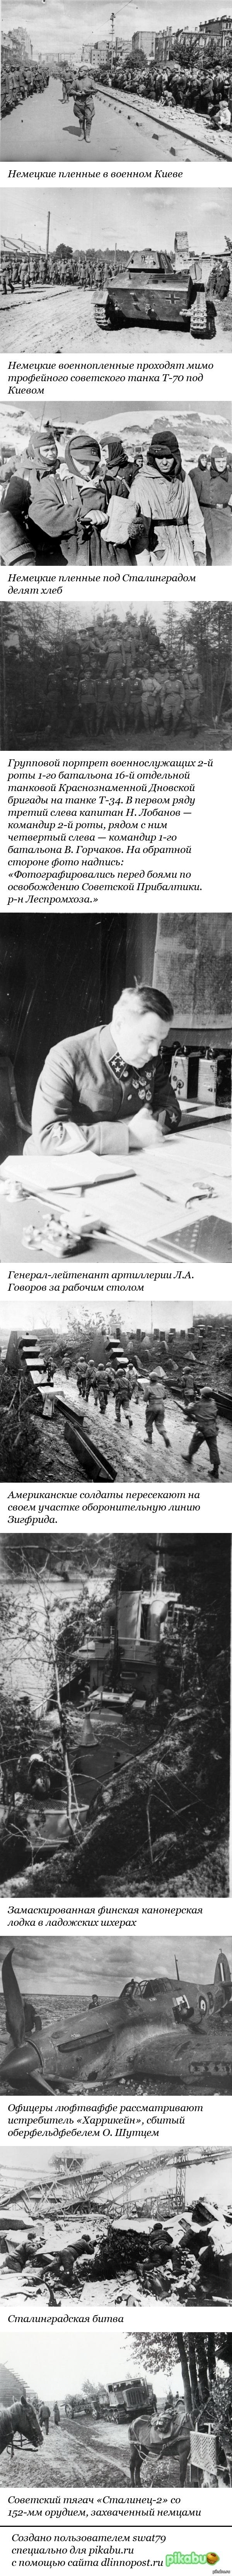 Фото Второй Мировой войны 34 для подписчиков часть 34 (с описанием)